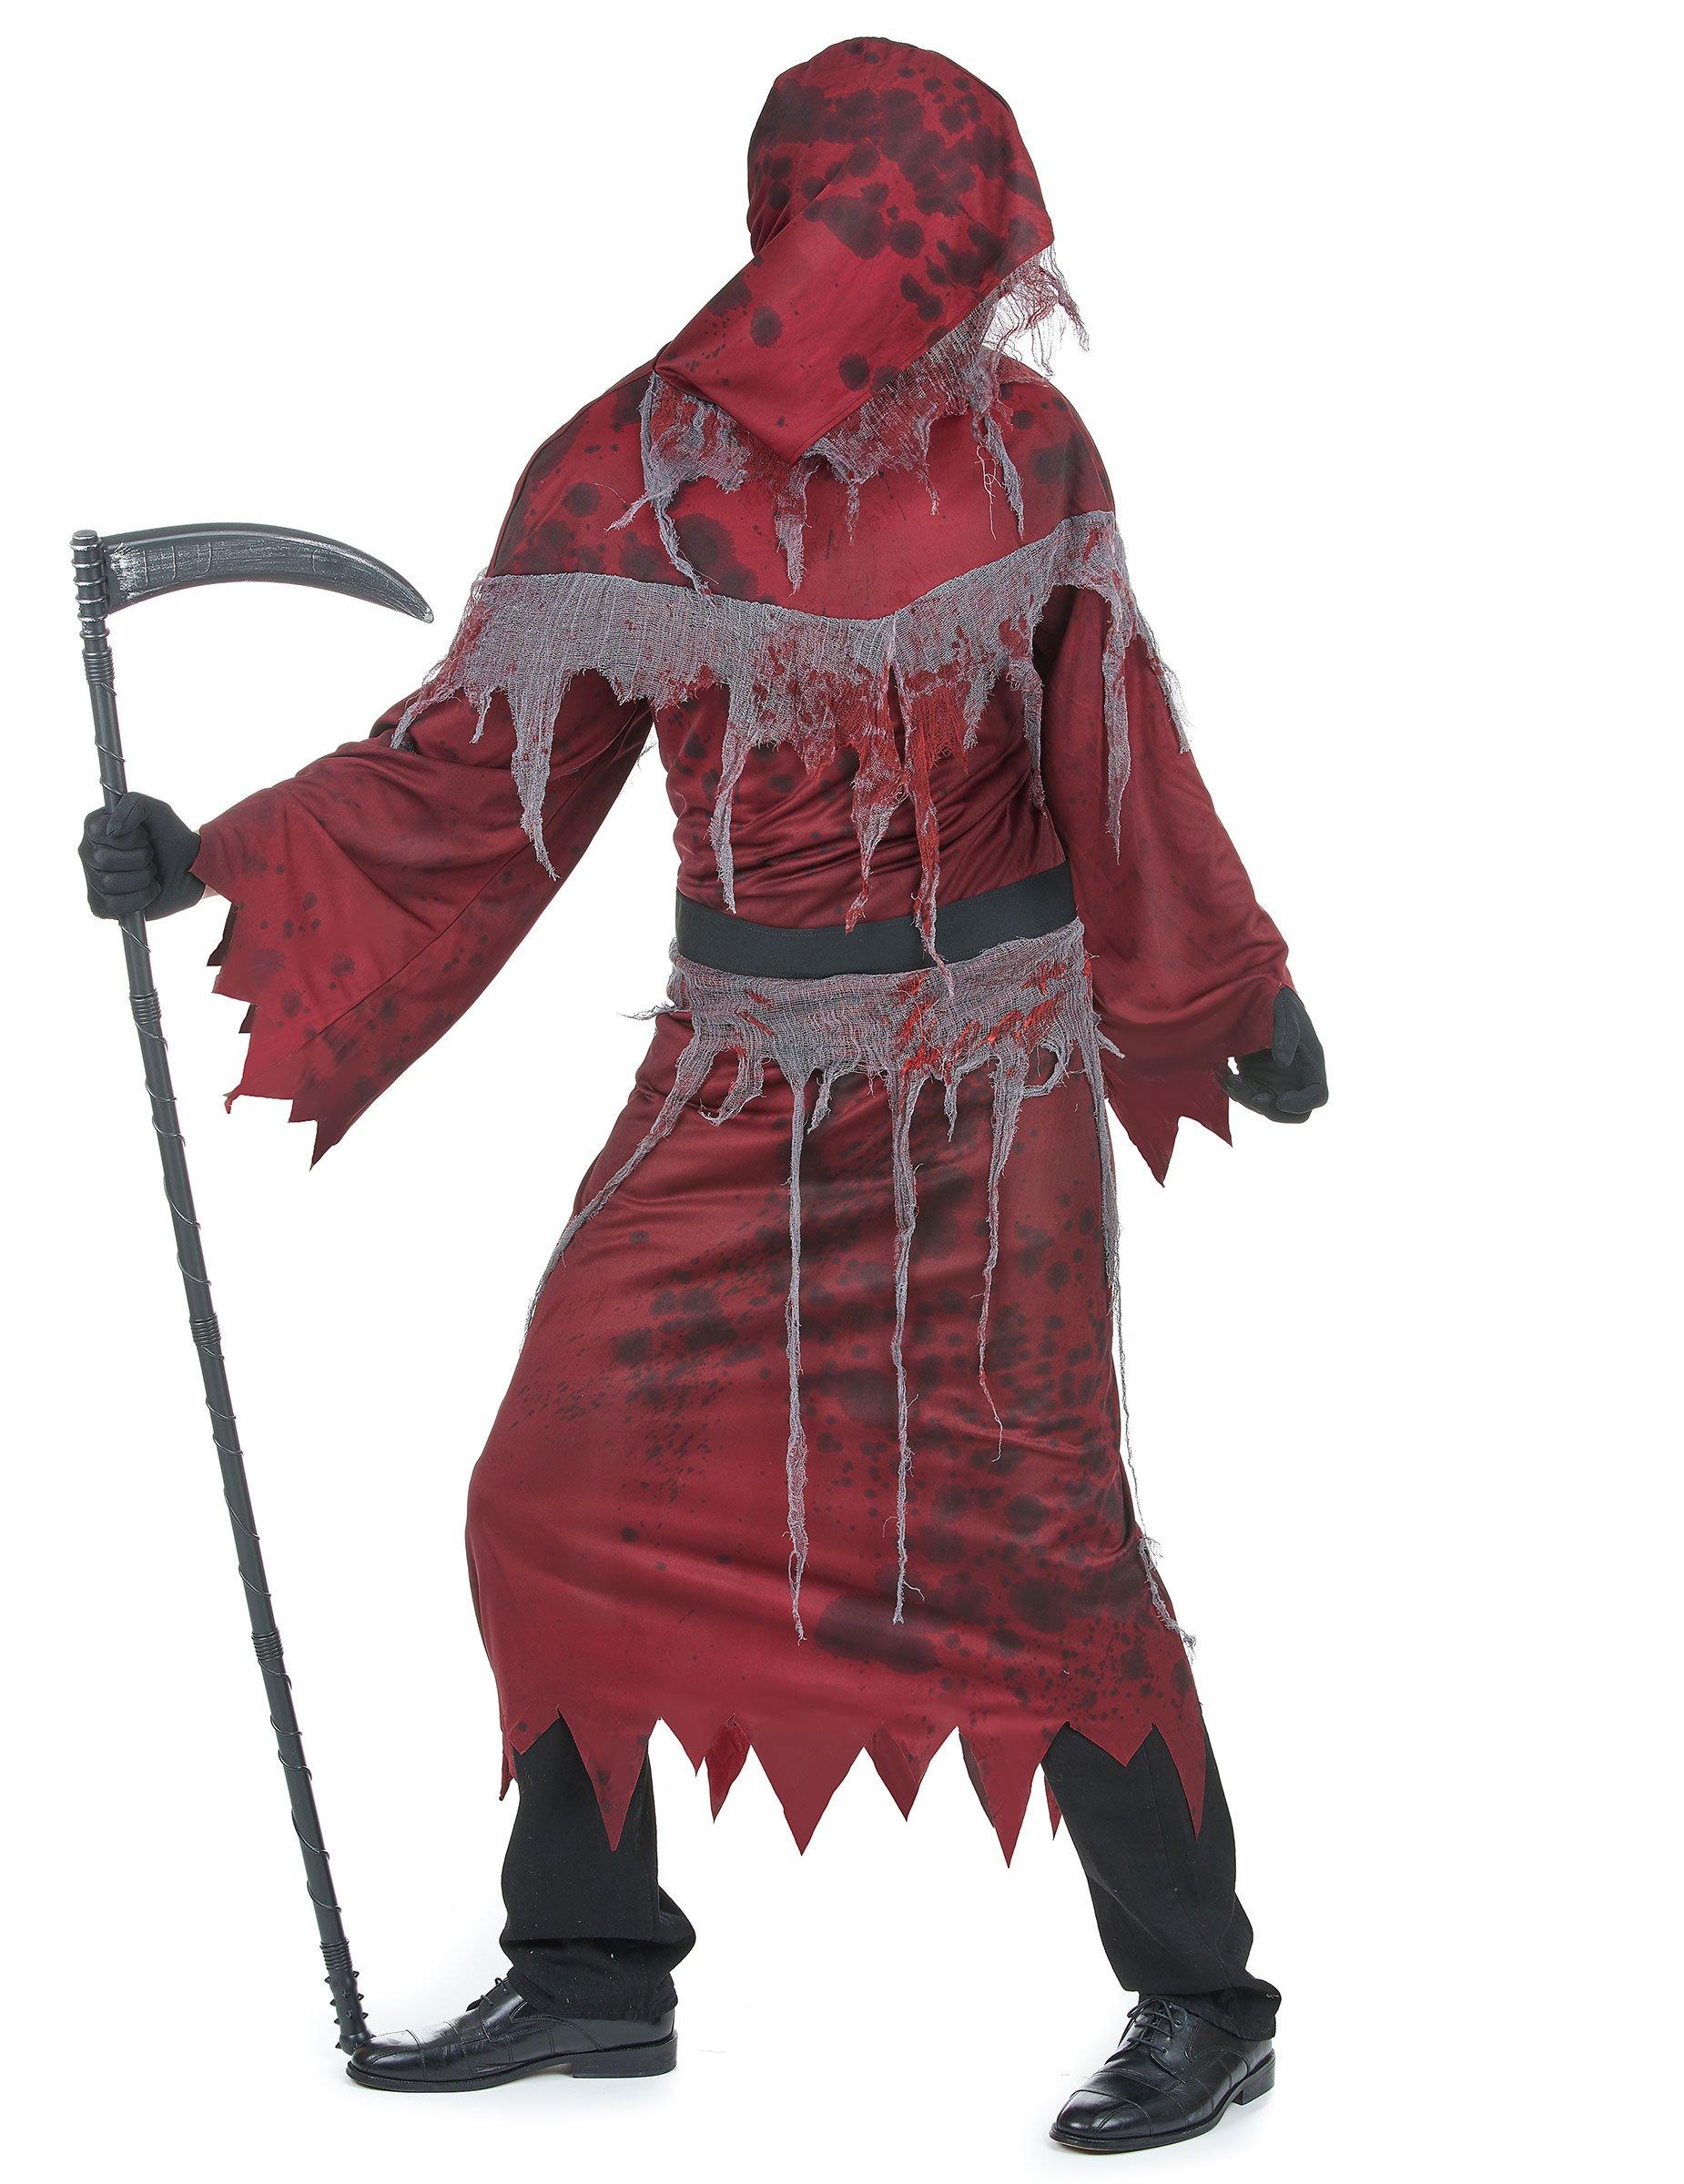 D guisement faucheuse adulte halloween deguise toi achat de d guisements a - Deguisetoi fr halloween ...